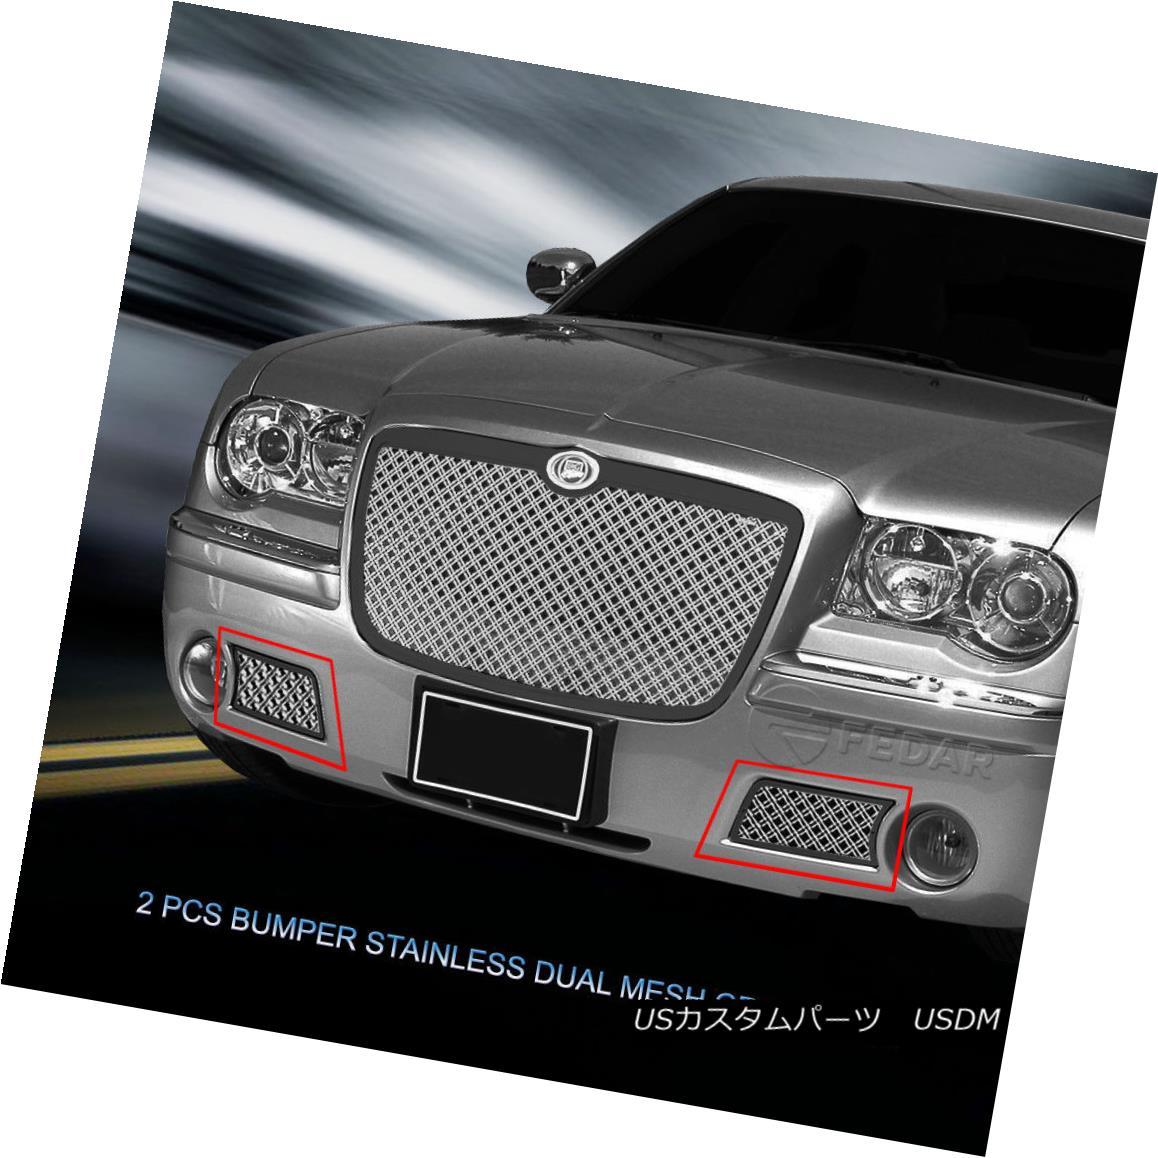 グリル Fedar Fits 2005-2010 Chrysler 300C Polished/Black Dual Weave Mesh Grille Insert Fedarフィット2005-2010 Chrysler 300C Polished / Blackデュアルウィーブメッシュグリルインサート